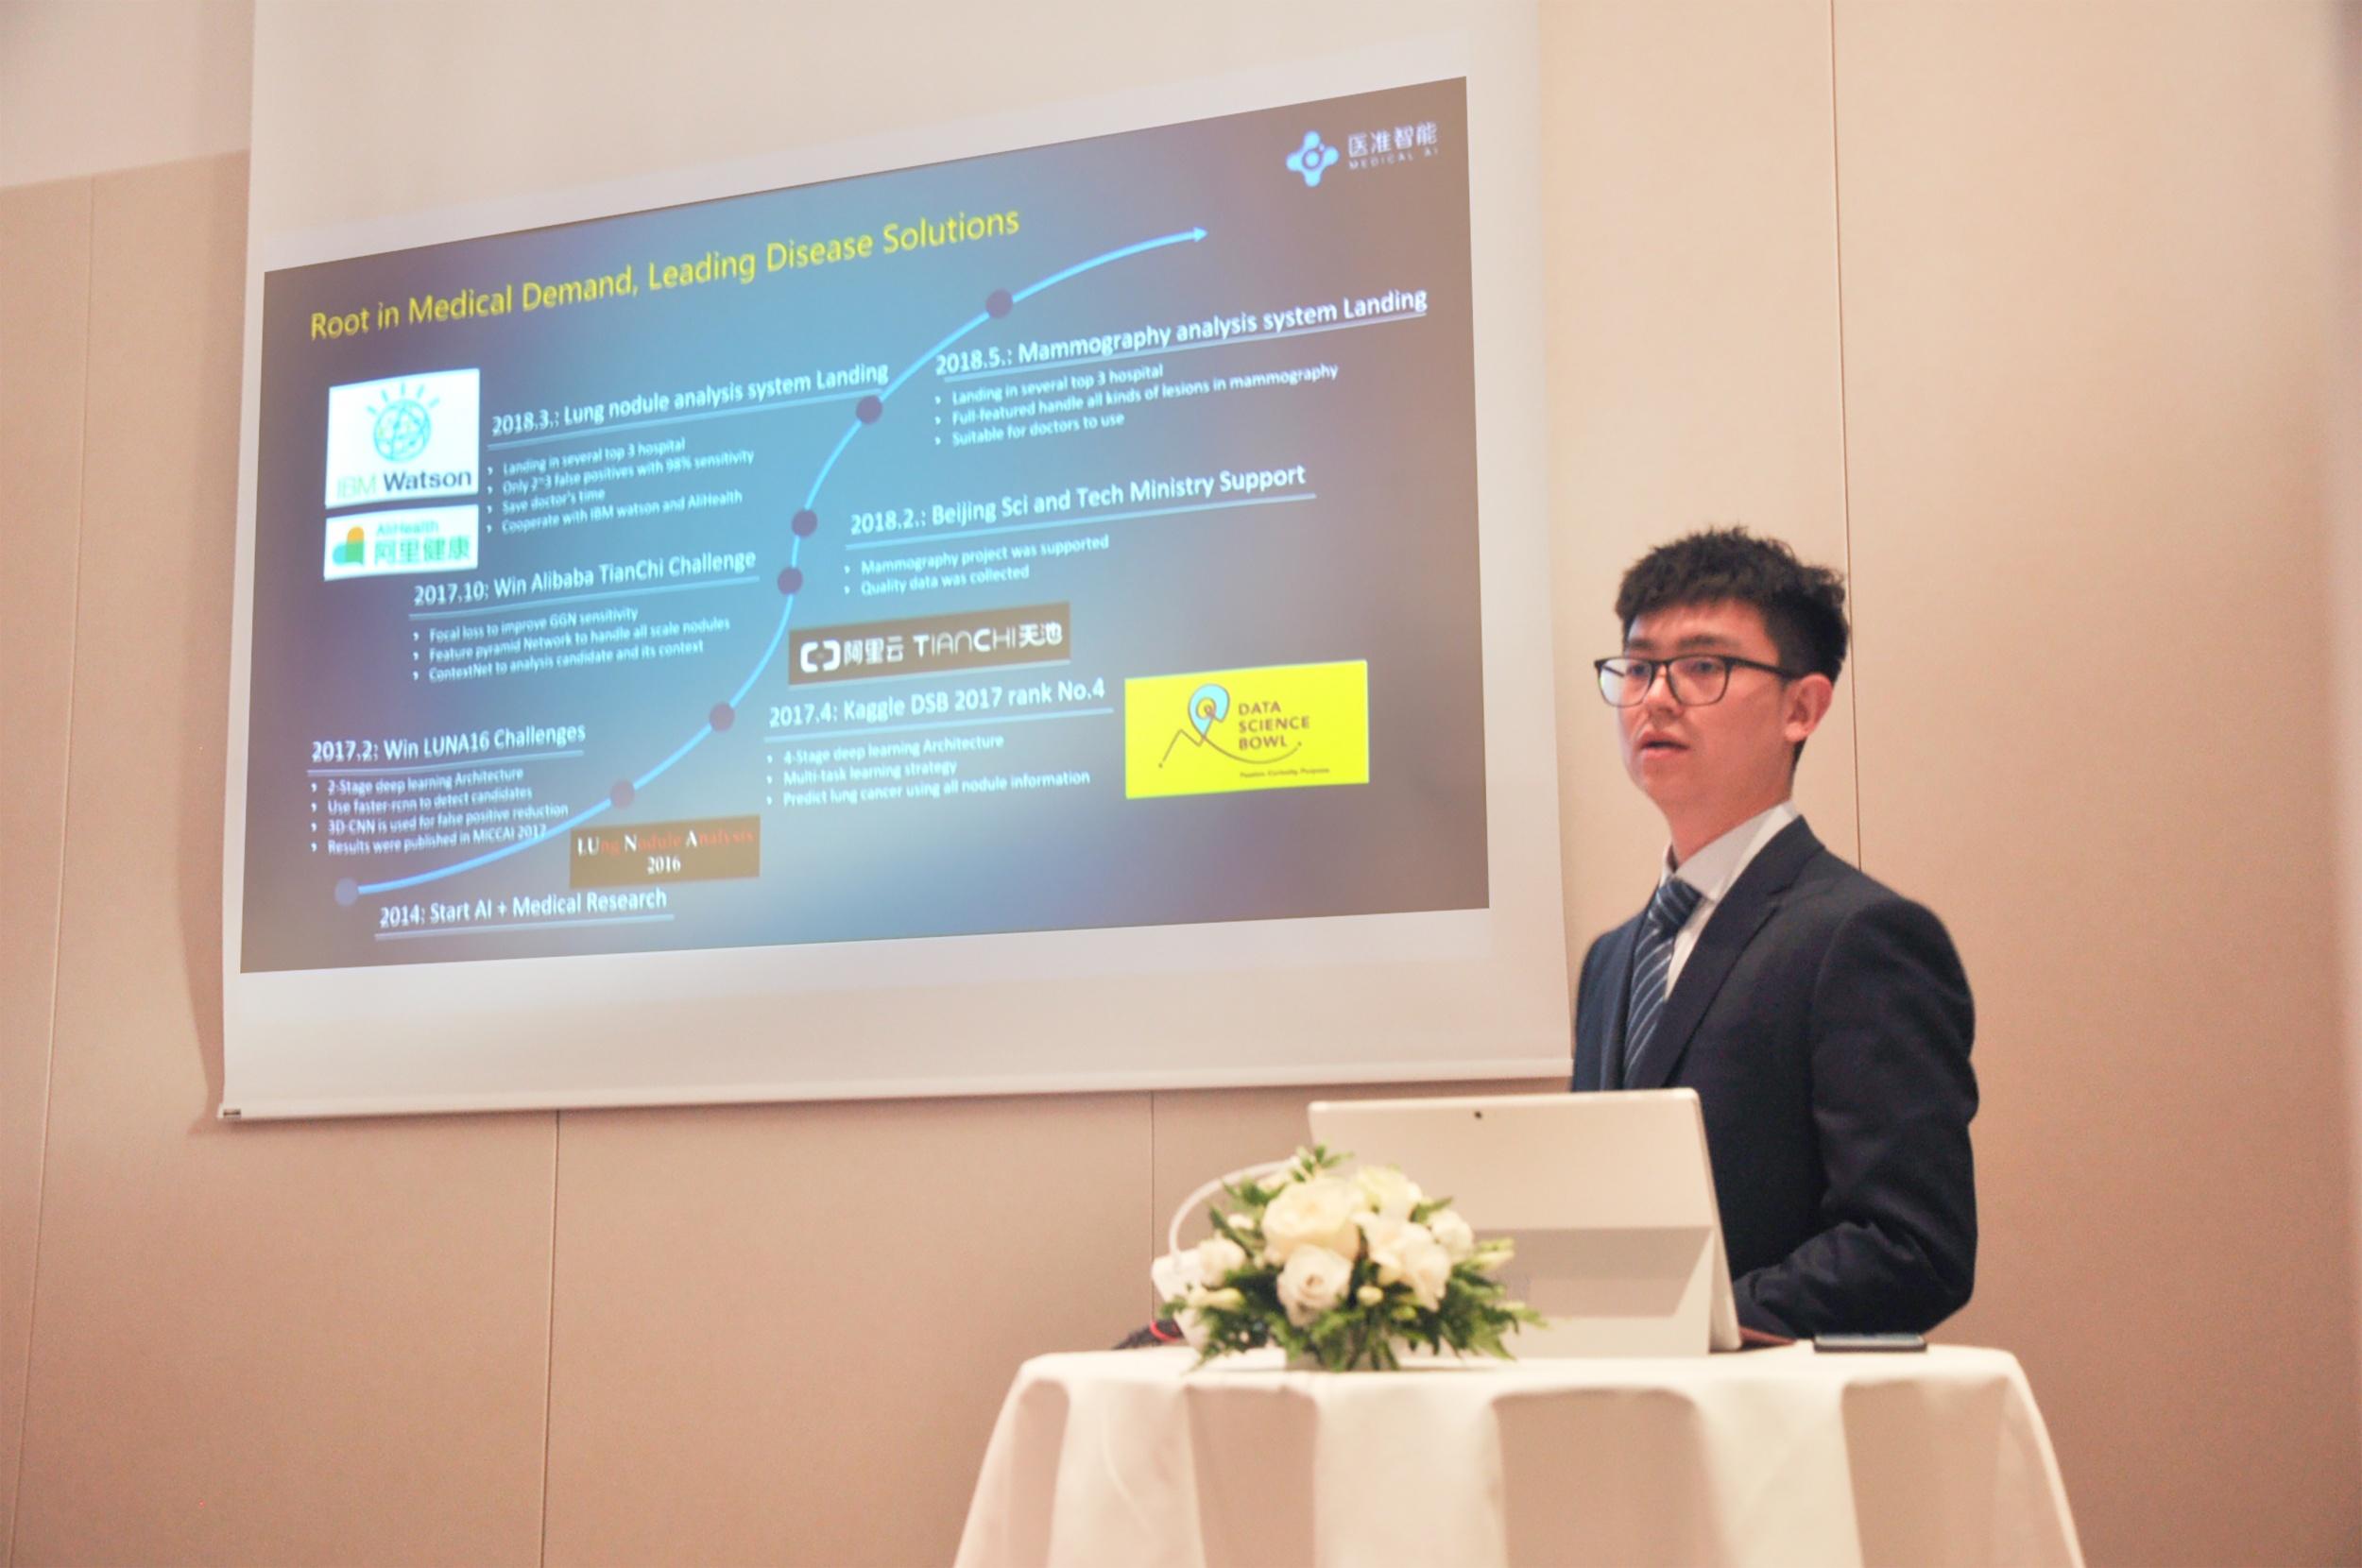 医准智能绽放欧洲放射学年会 中国AI医疗成果惊艳全球